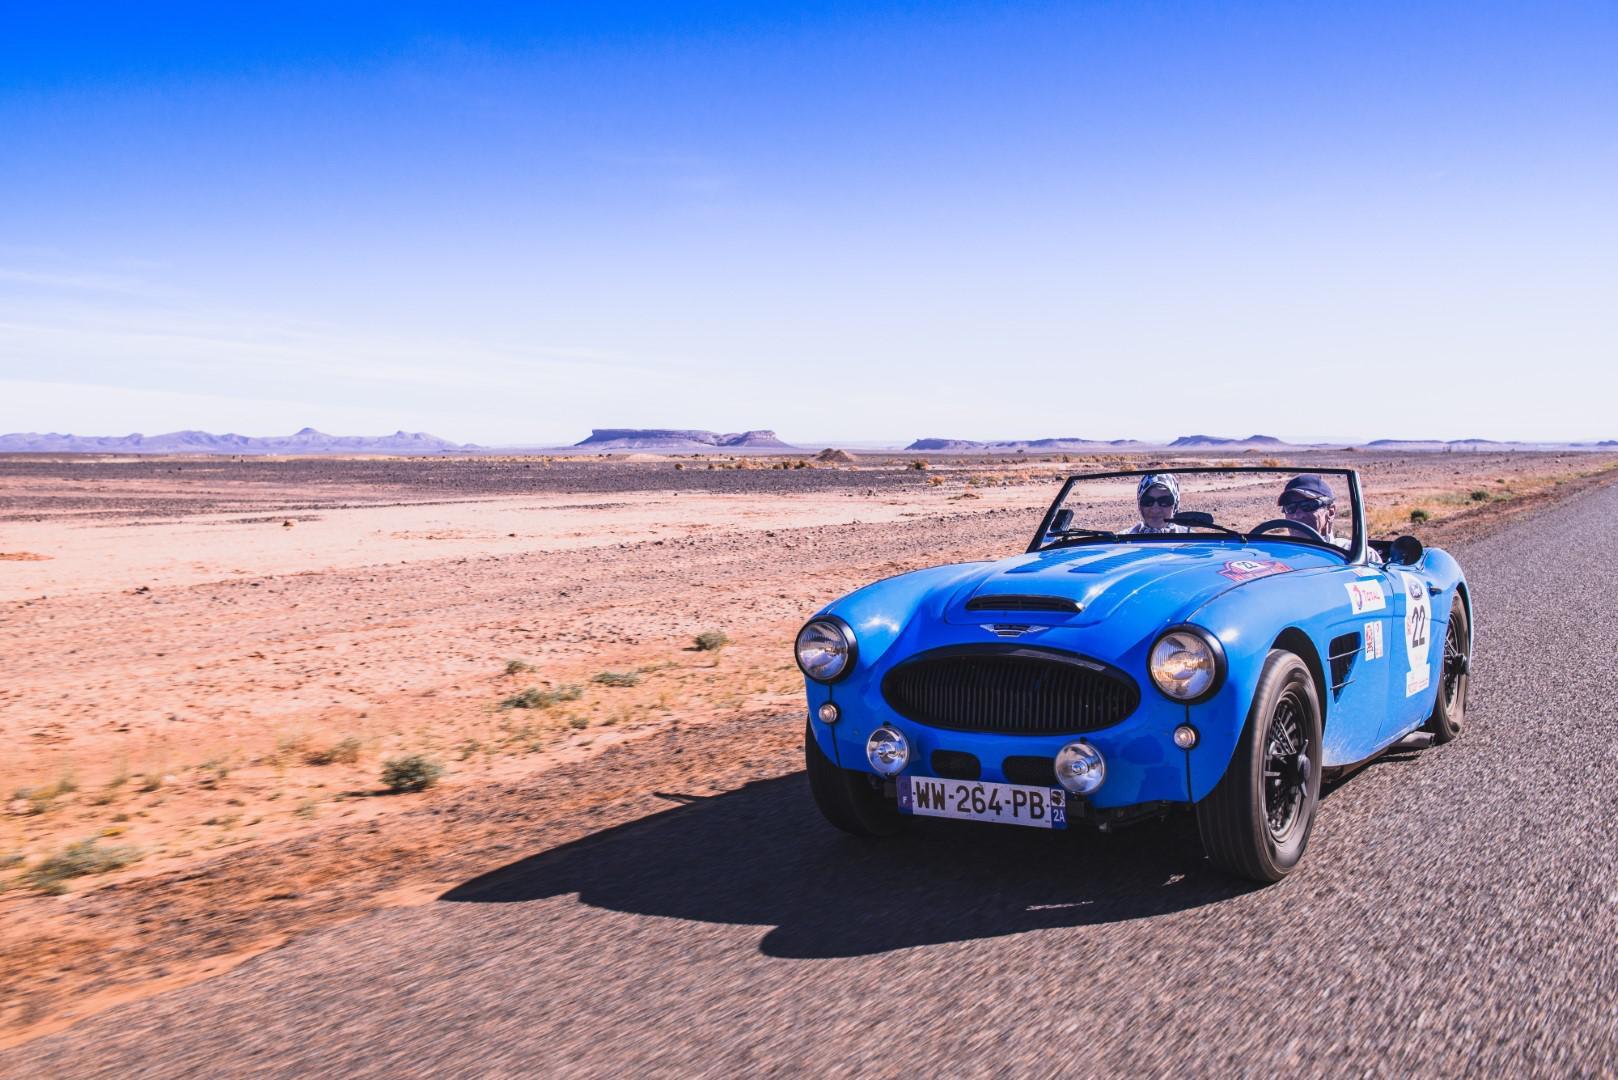 victoire-marocaine-pour-le-25eme-anniversaire-du-rallye-maroc-classic-680-19.jpg